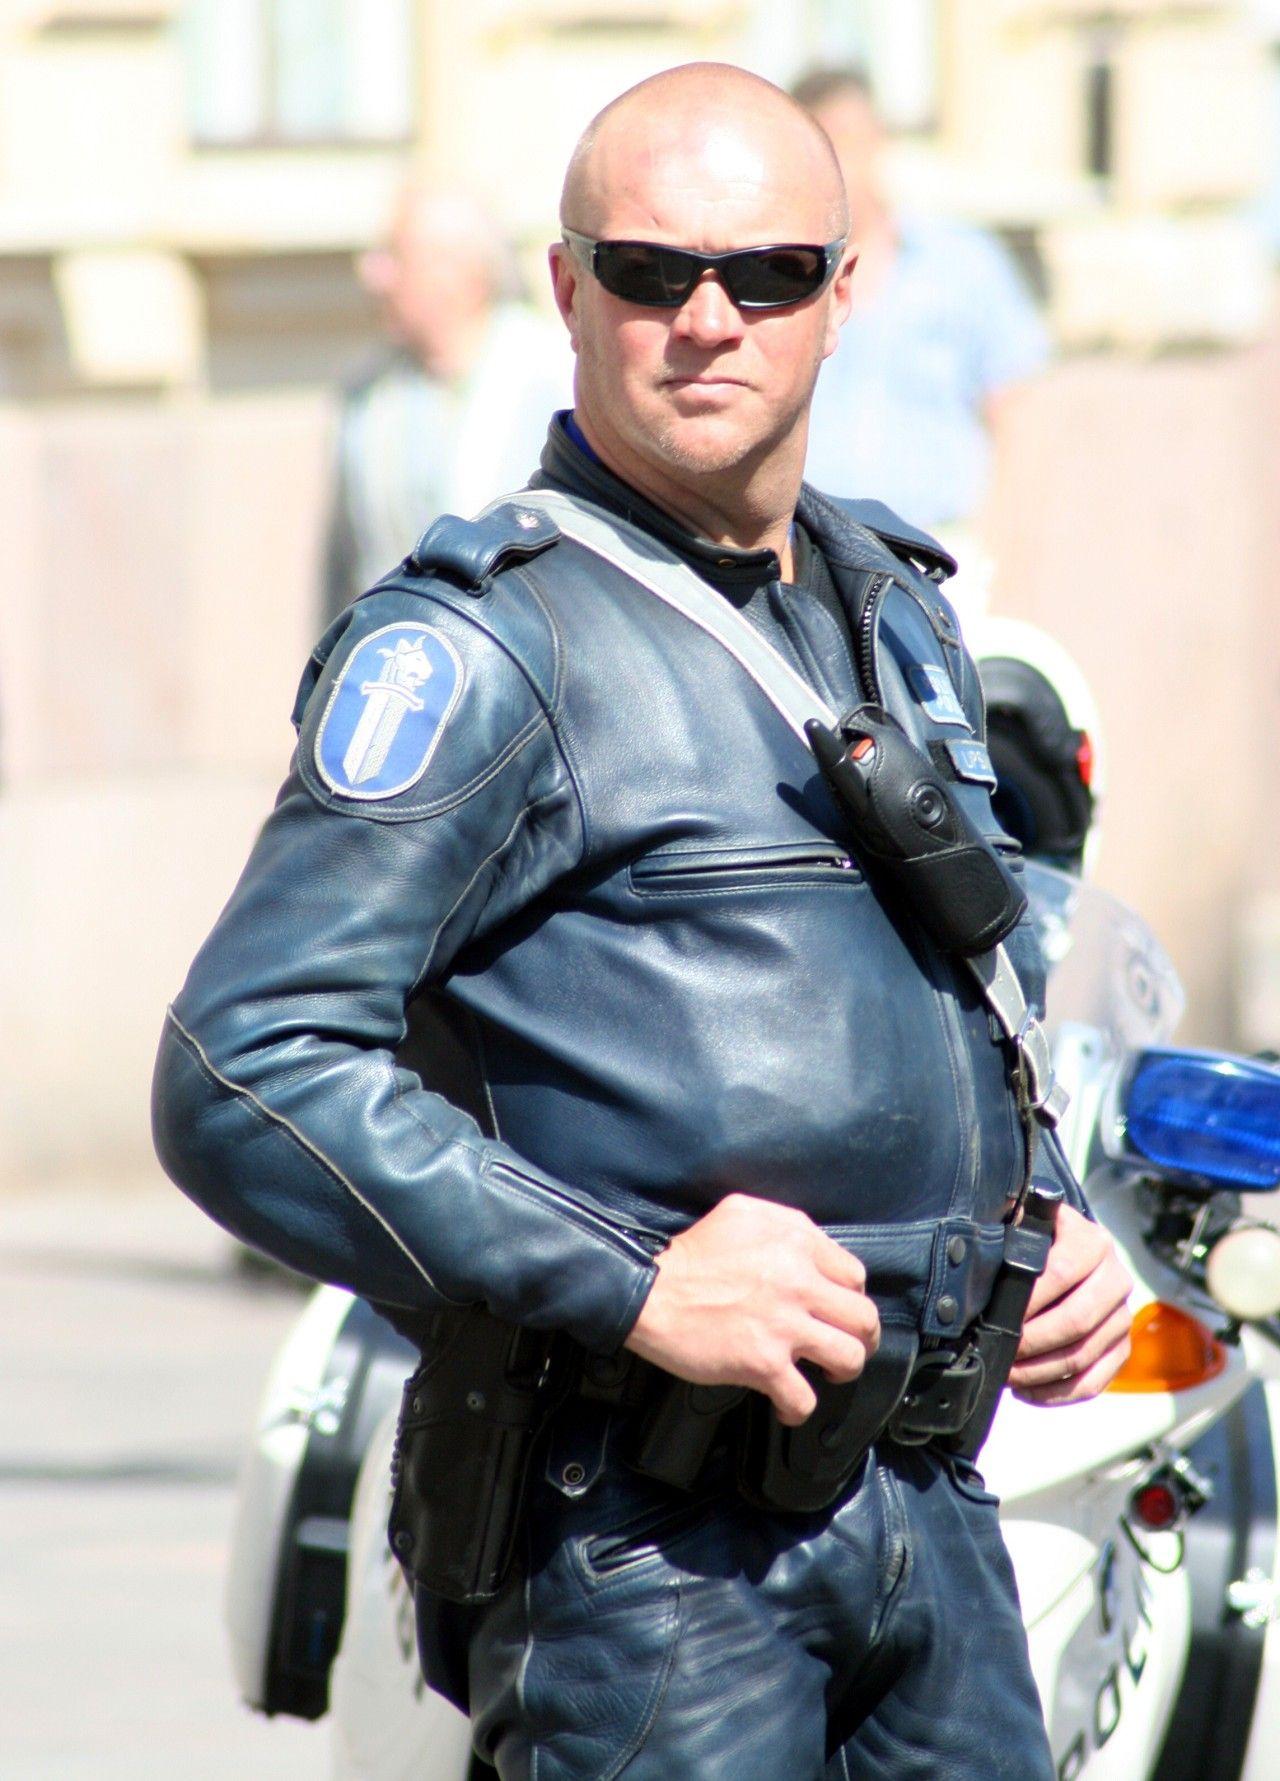 Finnish motorcycle leather cop (mit Bildern) Männer in